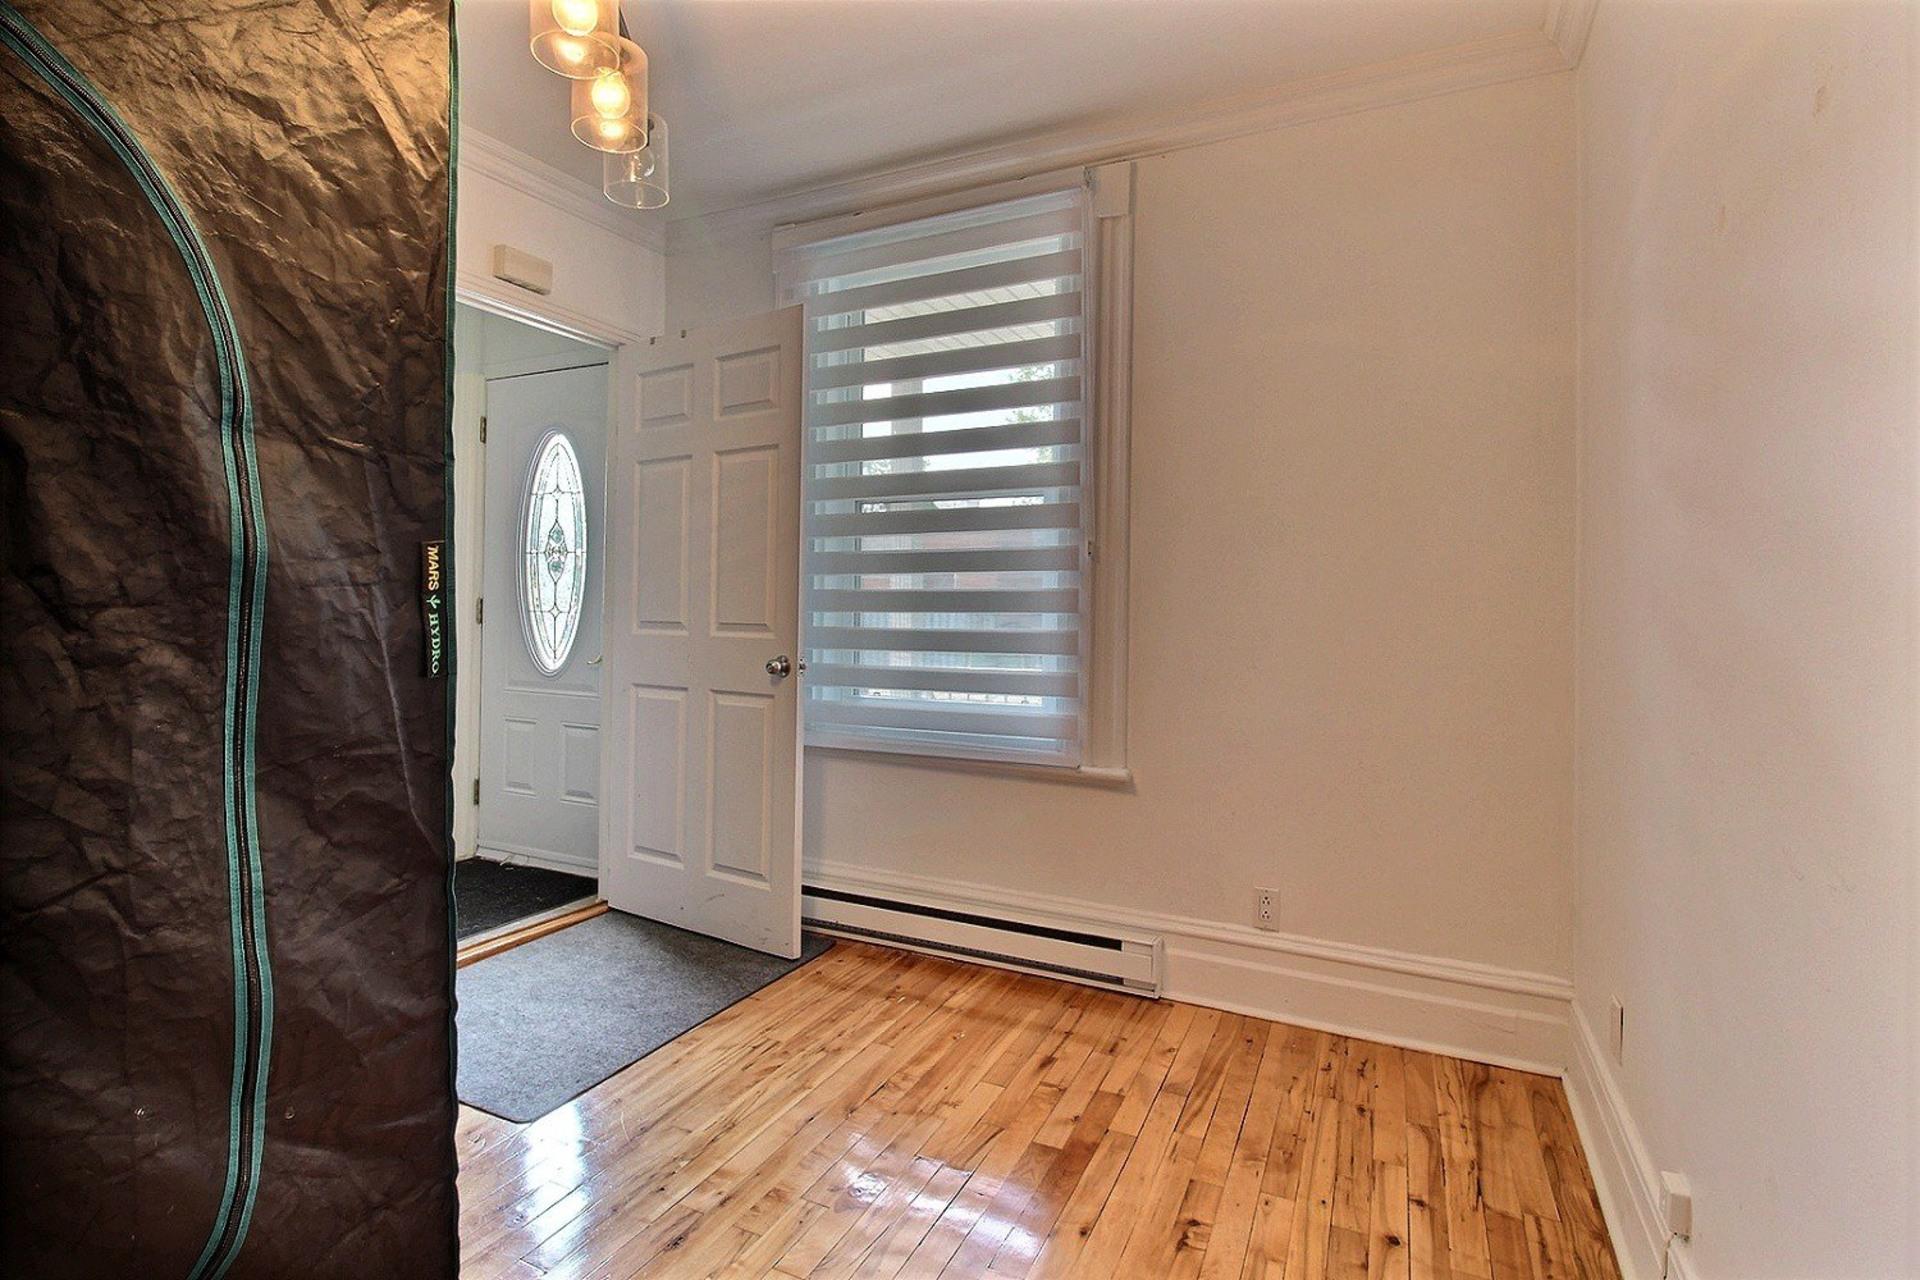 image 2 - Duplex For sale Mercier/Hochelaga-Maisonneuve Montréal  - 5 rooms